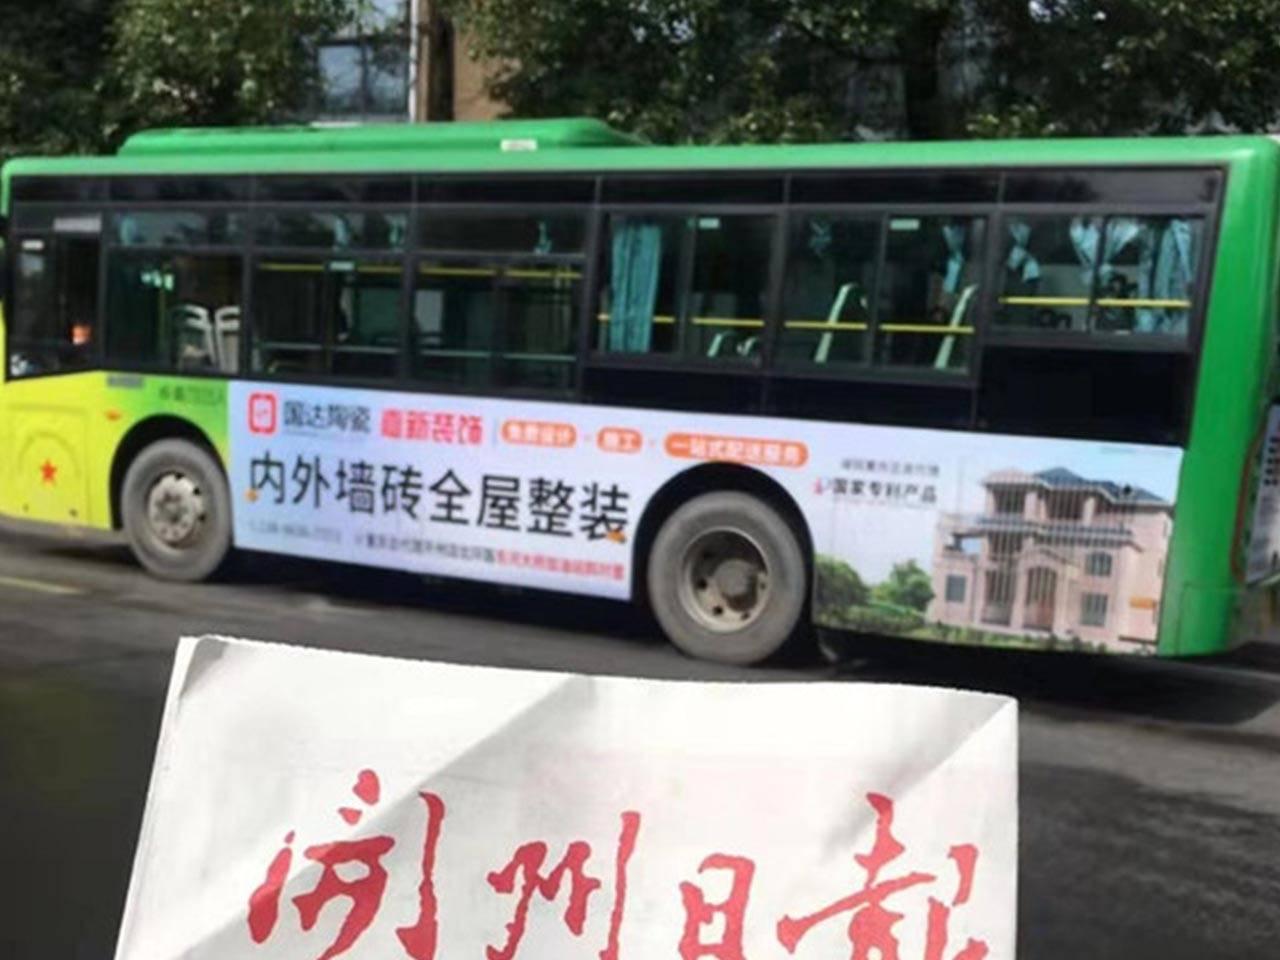 【品牌的力量】做了这件事,重庆开州人都认识国达陶瓷了!